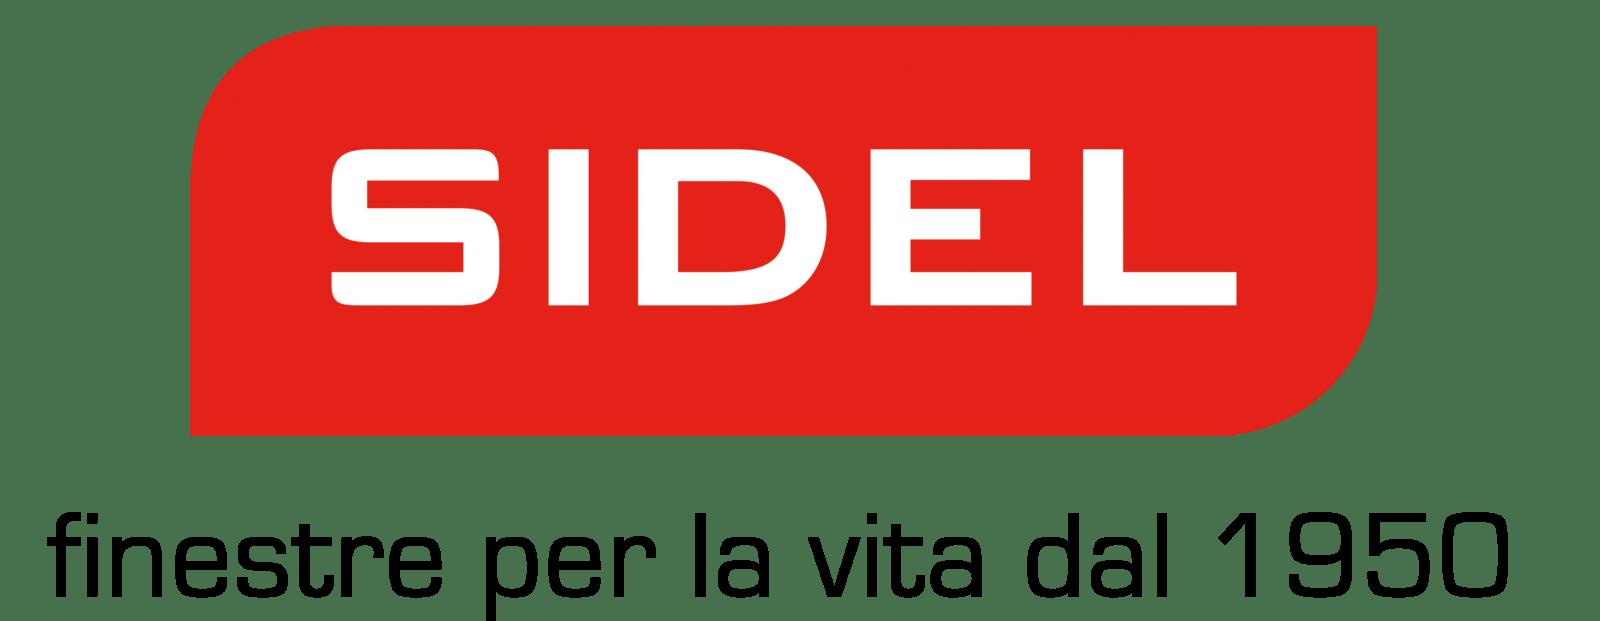 sidel.0